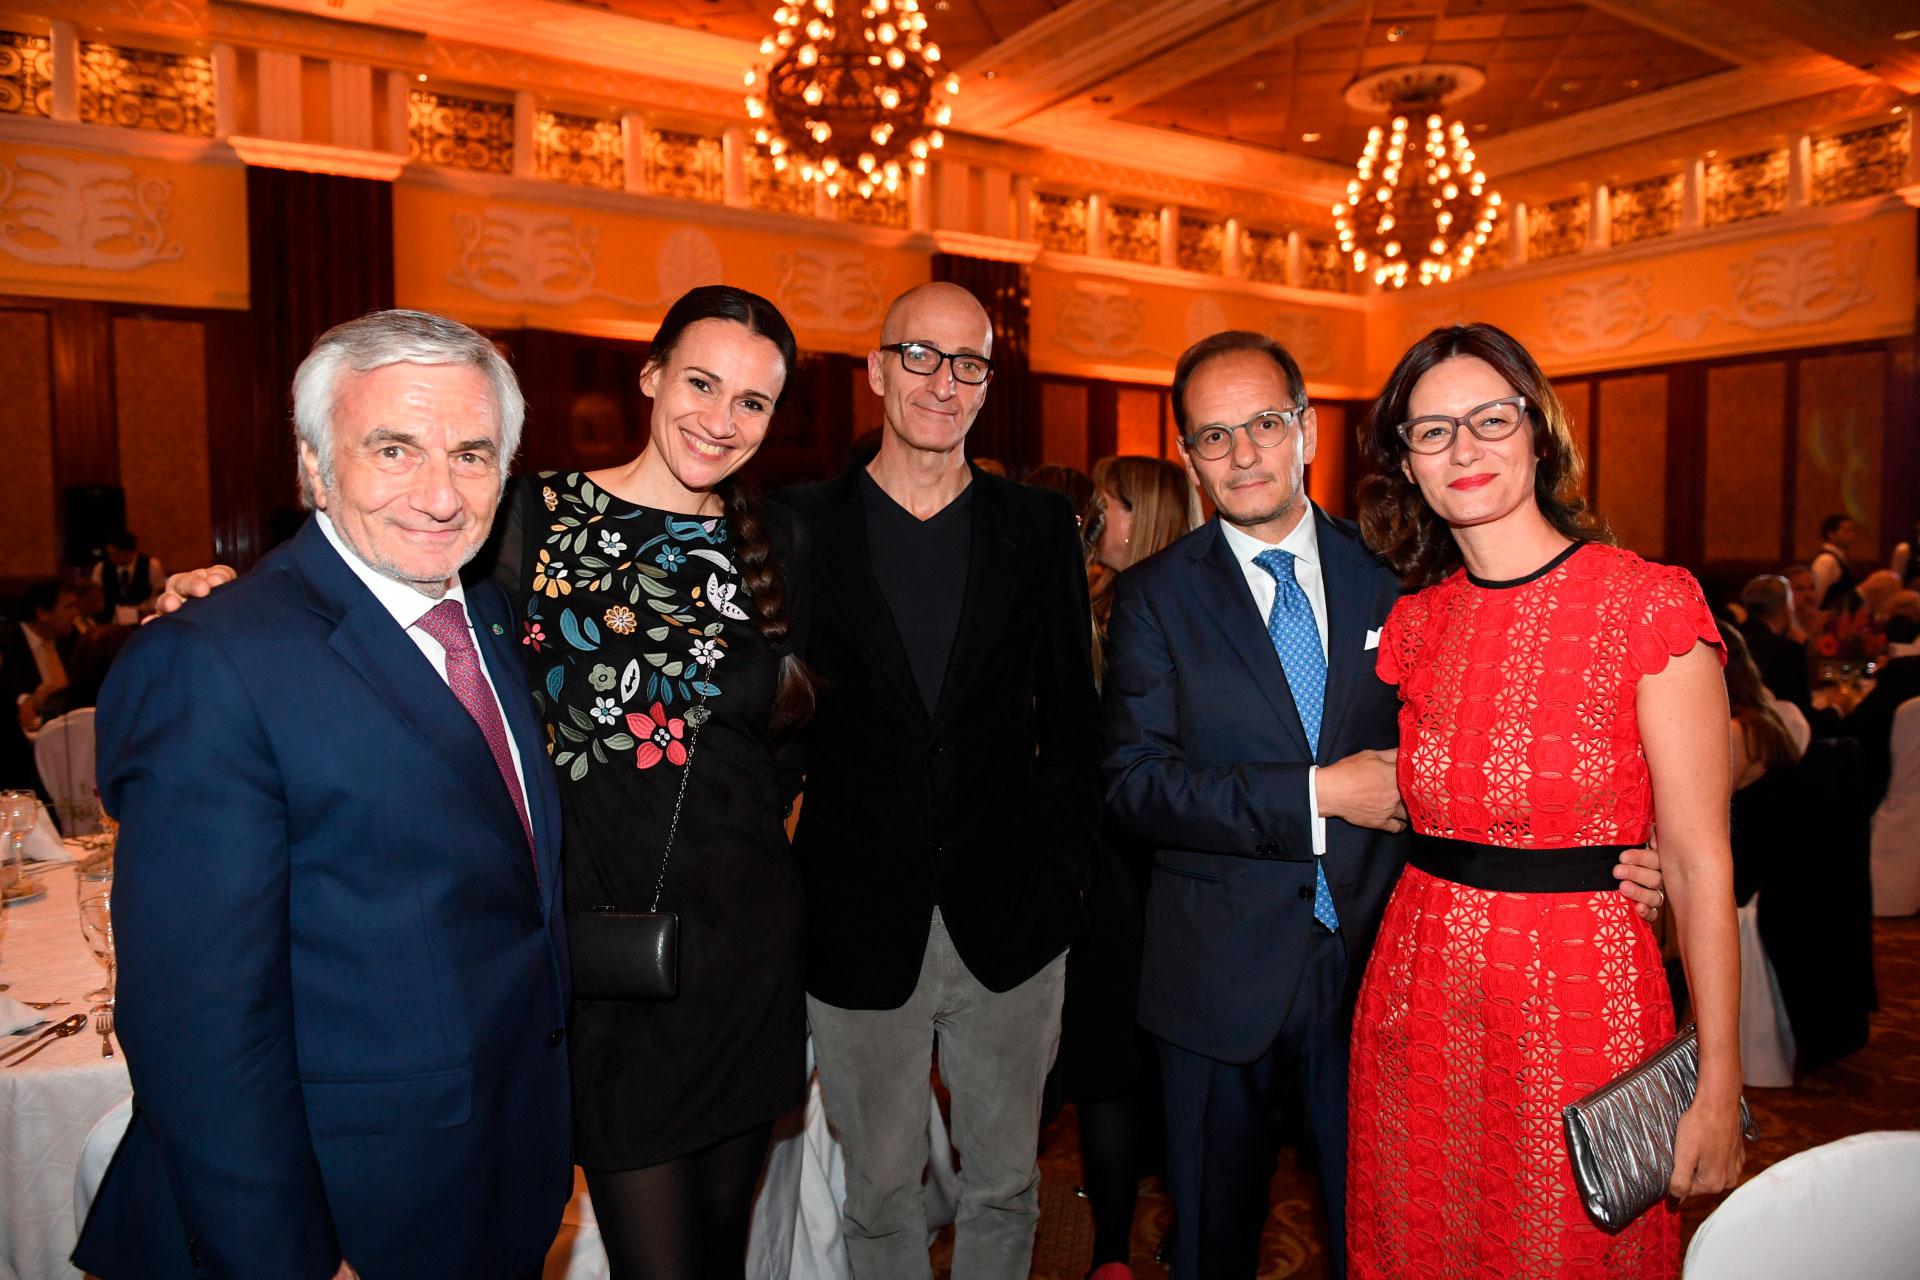 Claudio Zin junto a Elisabetta Riva, directora general del Teatro Coliseo y del ciclo Nuova Harmonia; el embajador Giuseppe Manzo y su mujer Alma